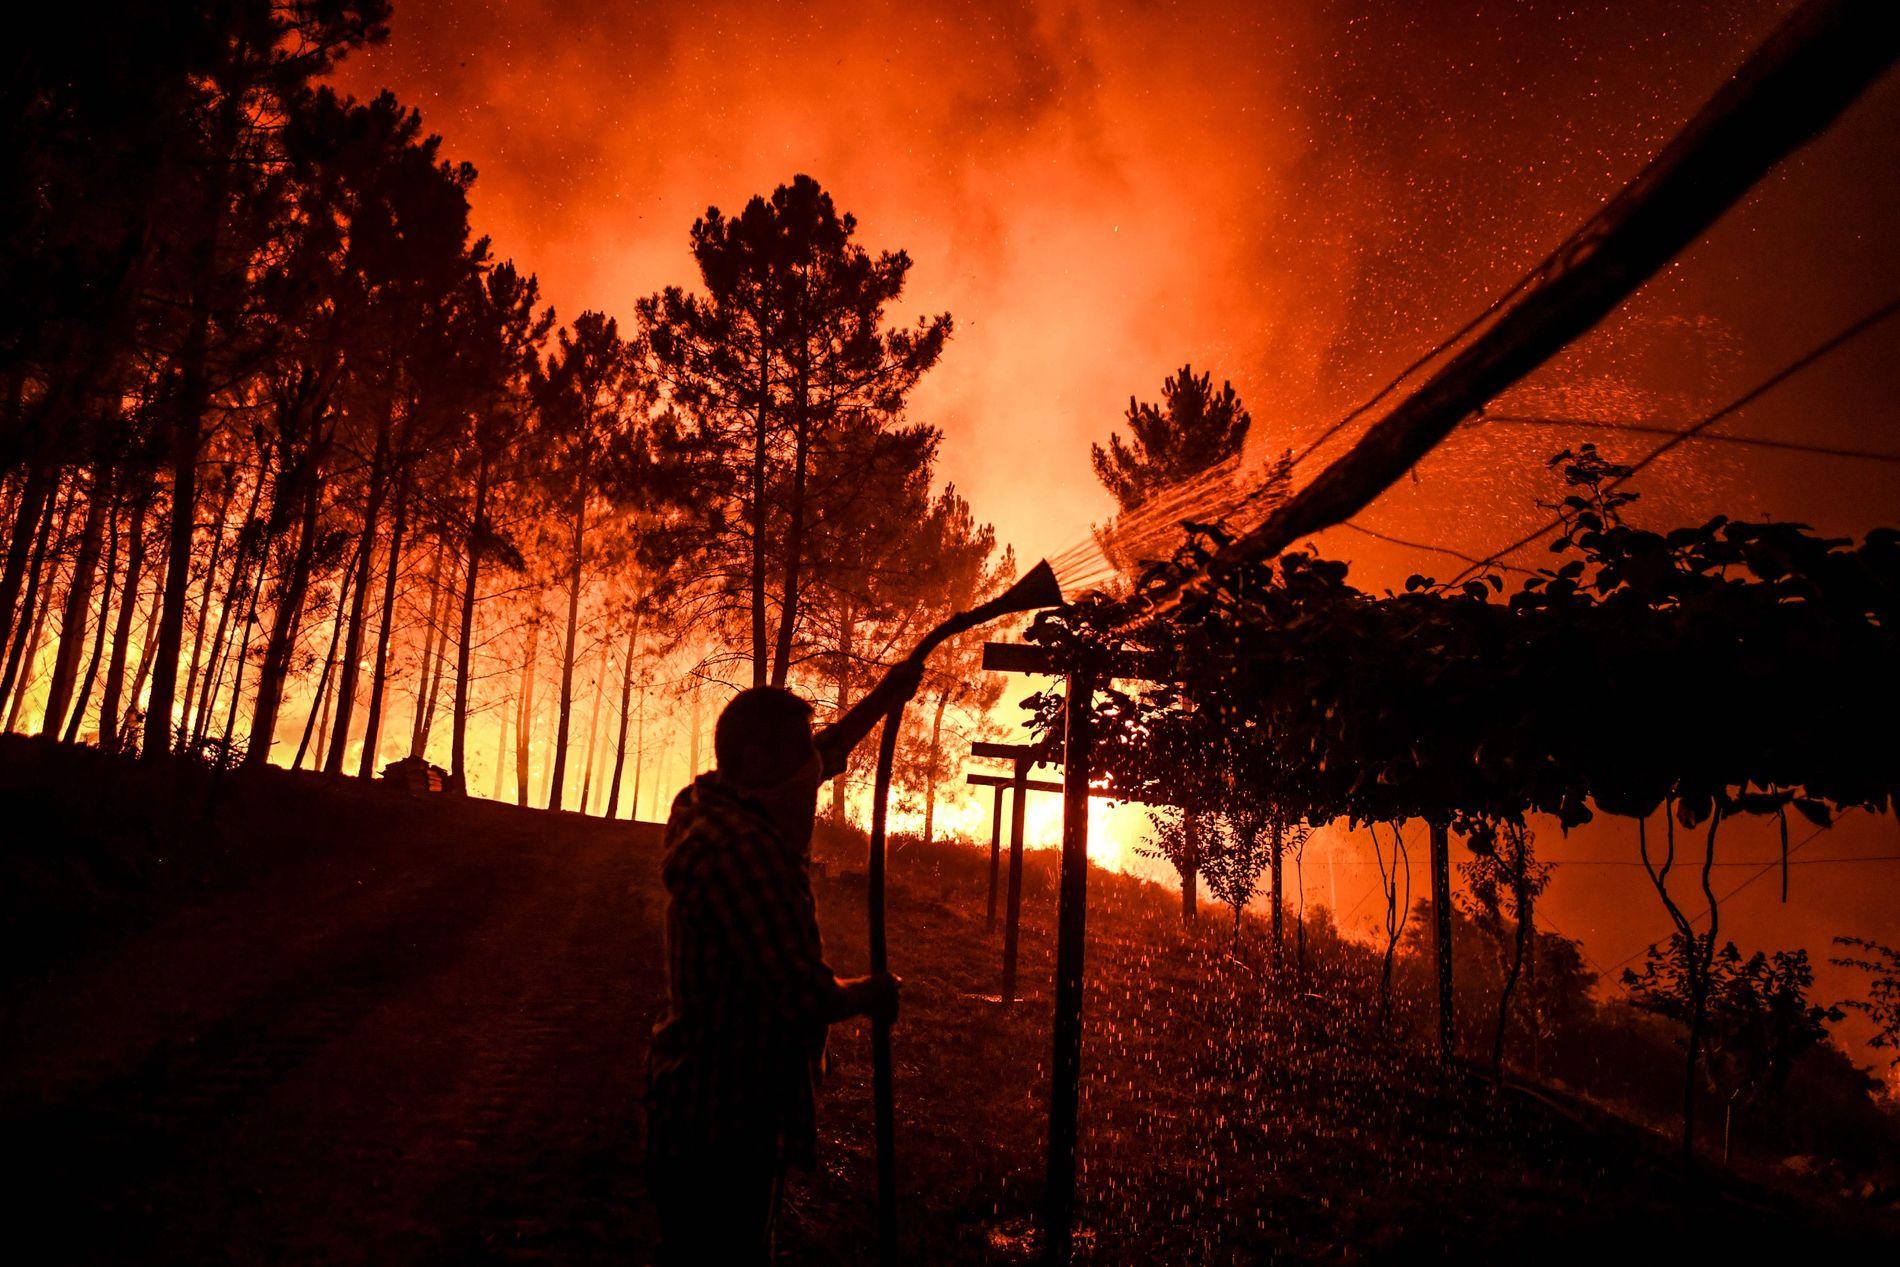 KAMP MOT BRANNEN: En beboer prøver å holde flammene unna huset sitt i Amendoa.